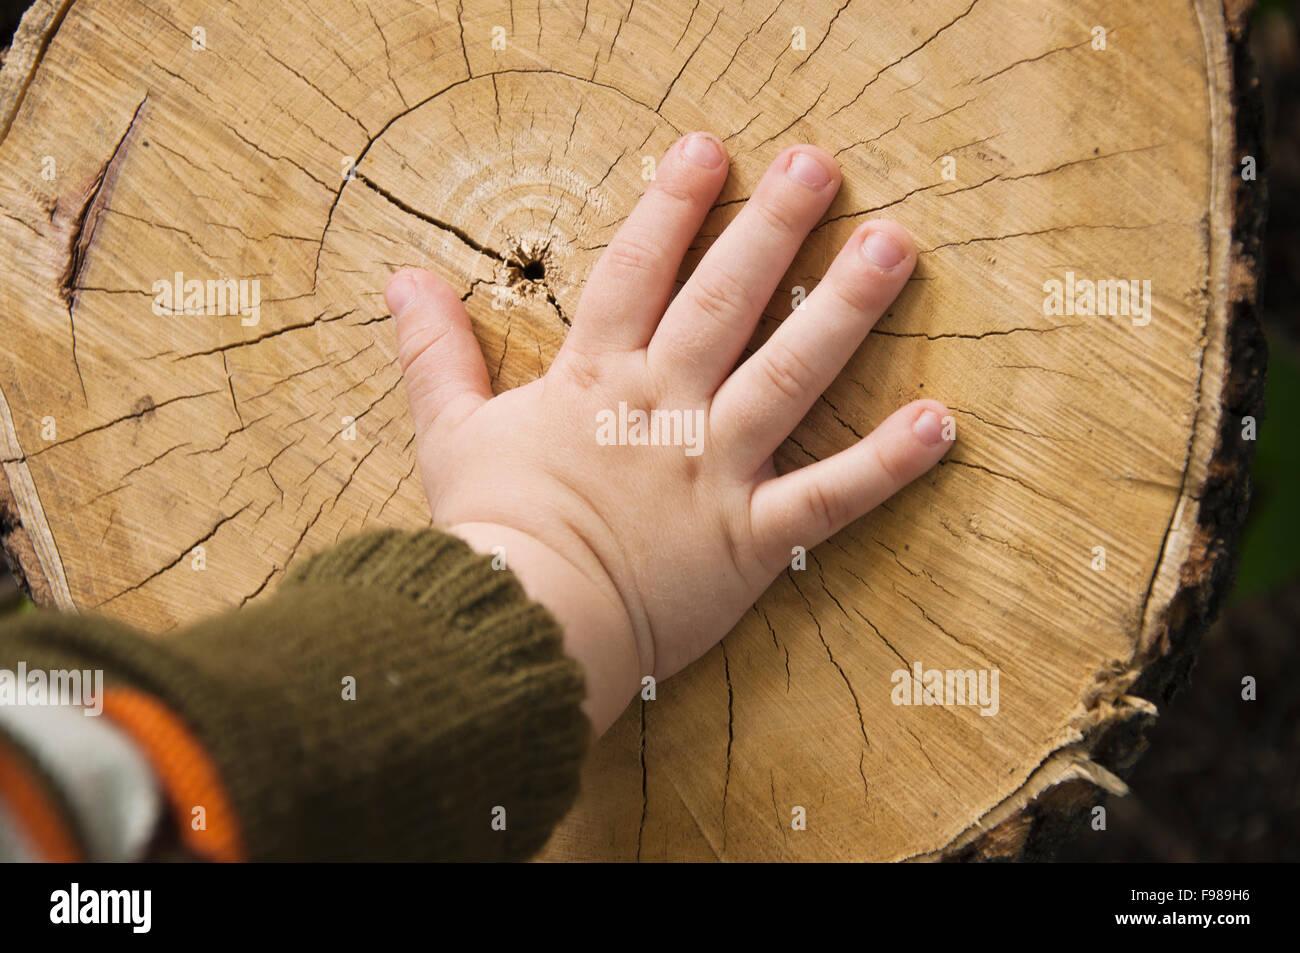 La main de l'enfant sur les faux Photo Stock